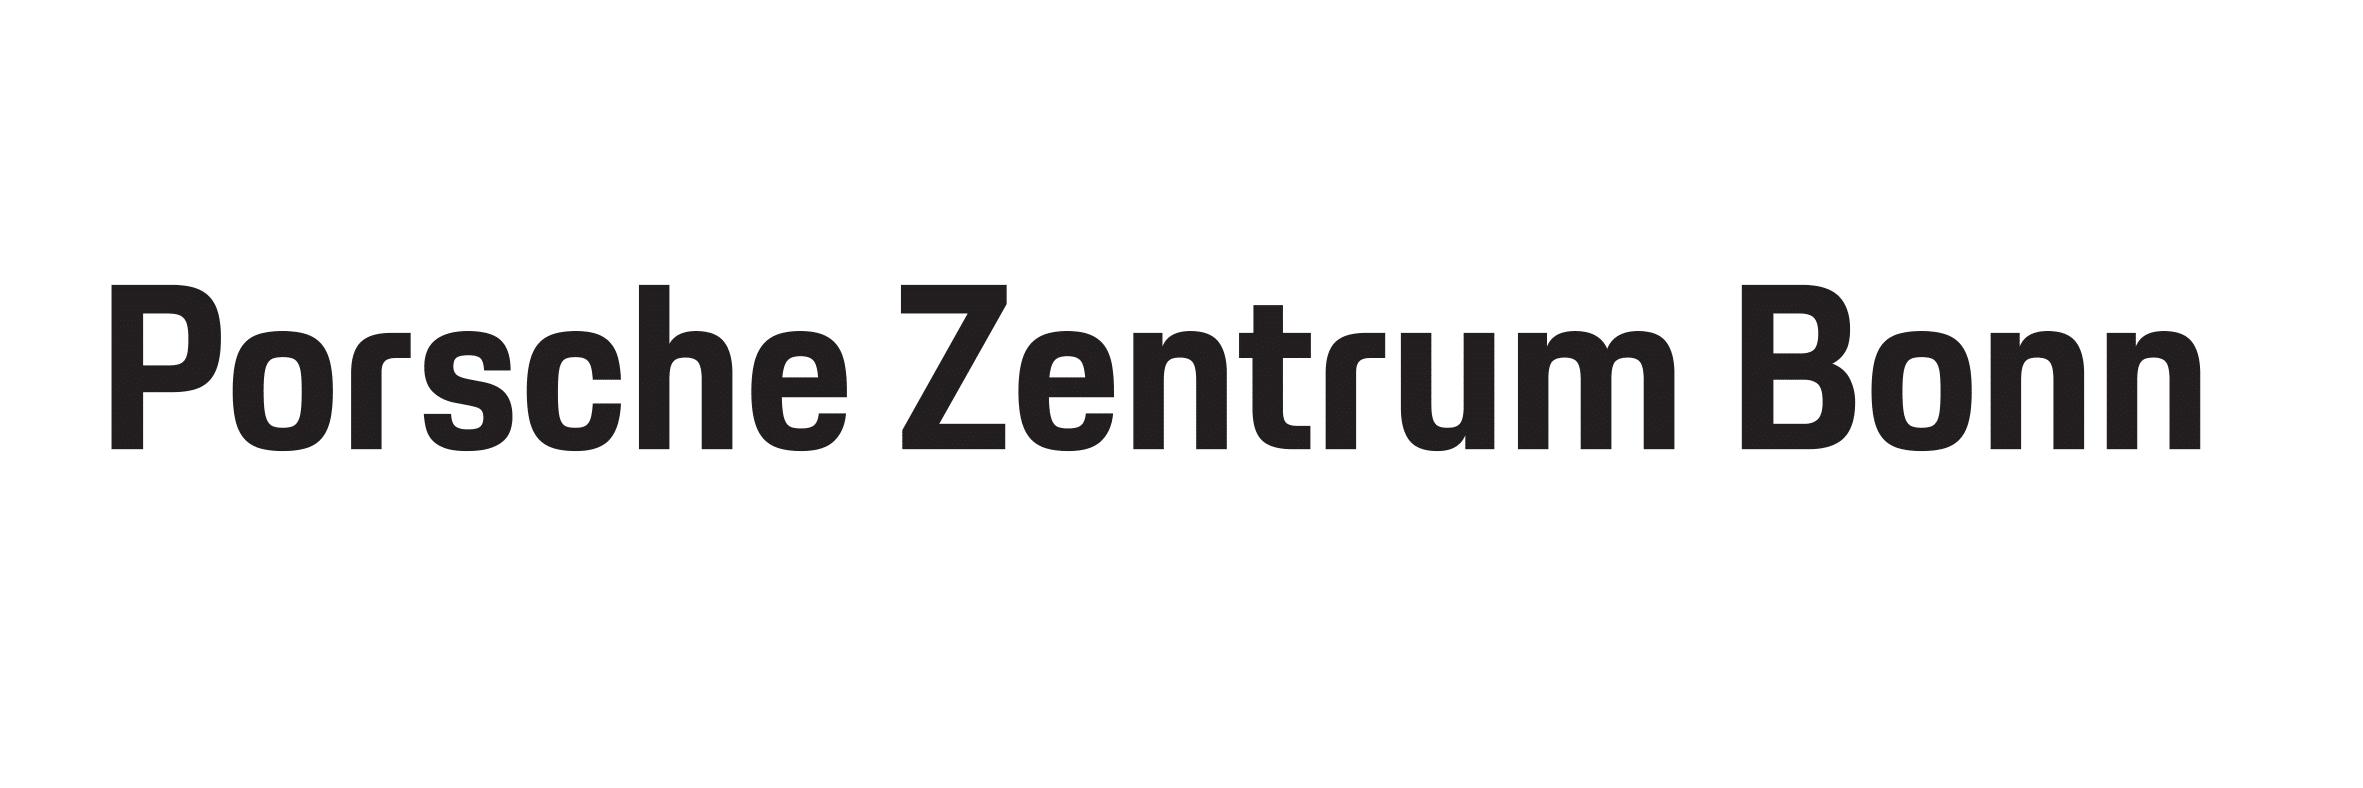 PZ_Bonn_Schriftzug